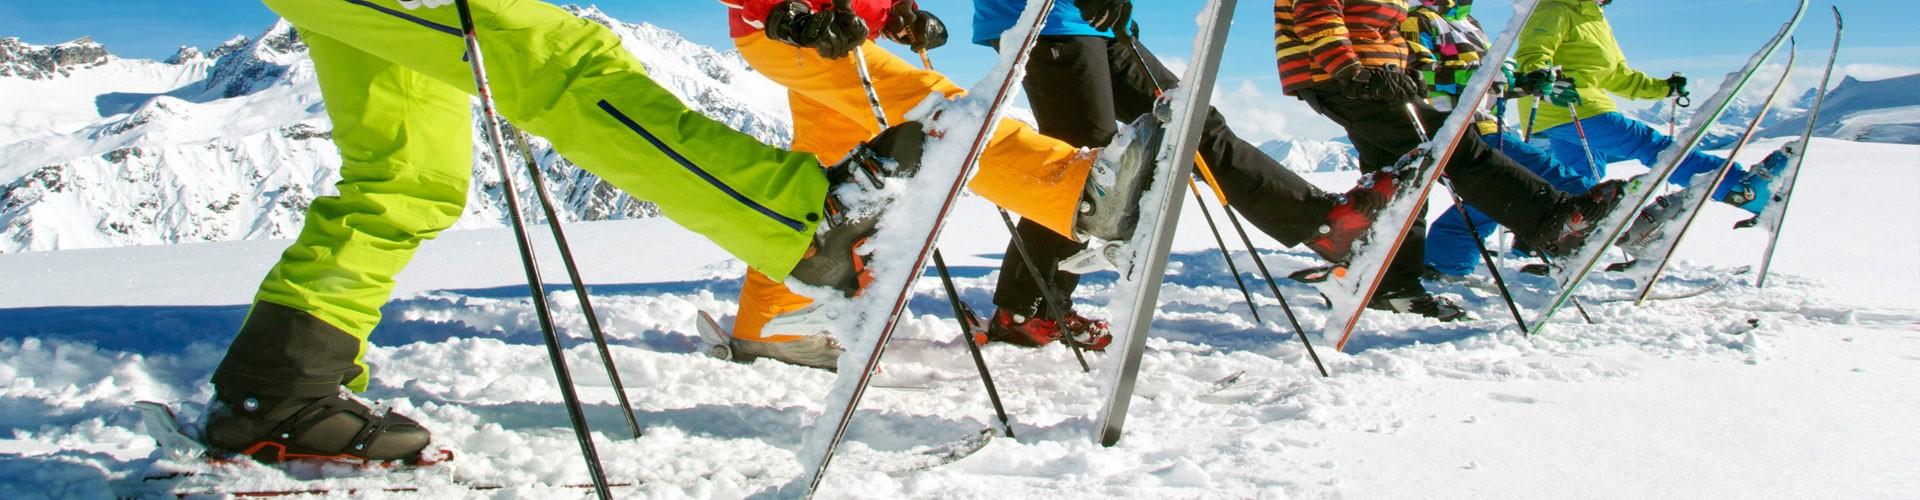 Ski & Snowboard fahren in den Alpen